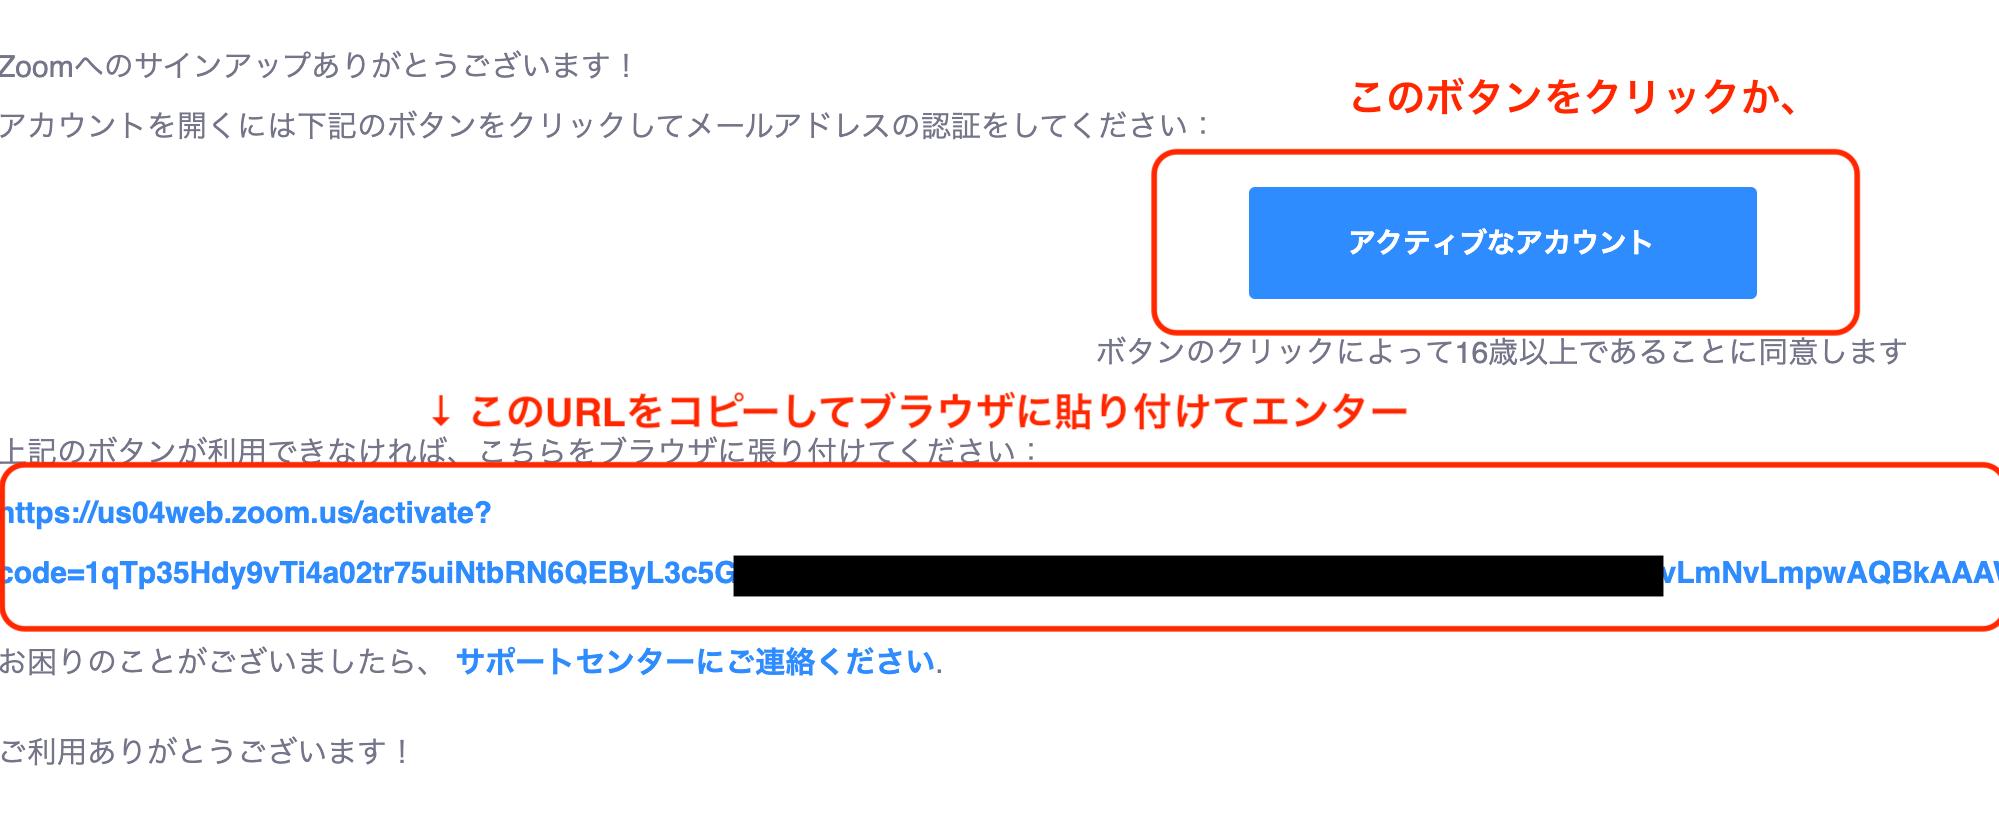 スクリーンショット 2020-04-04 20.02.11.png